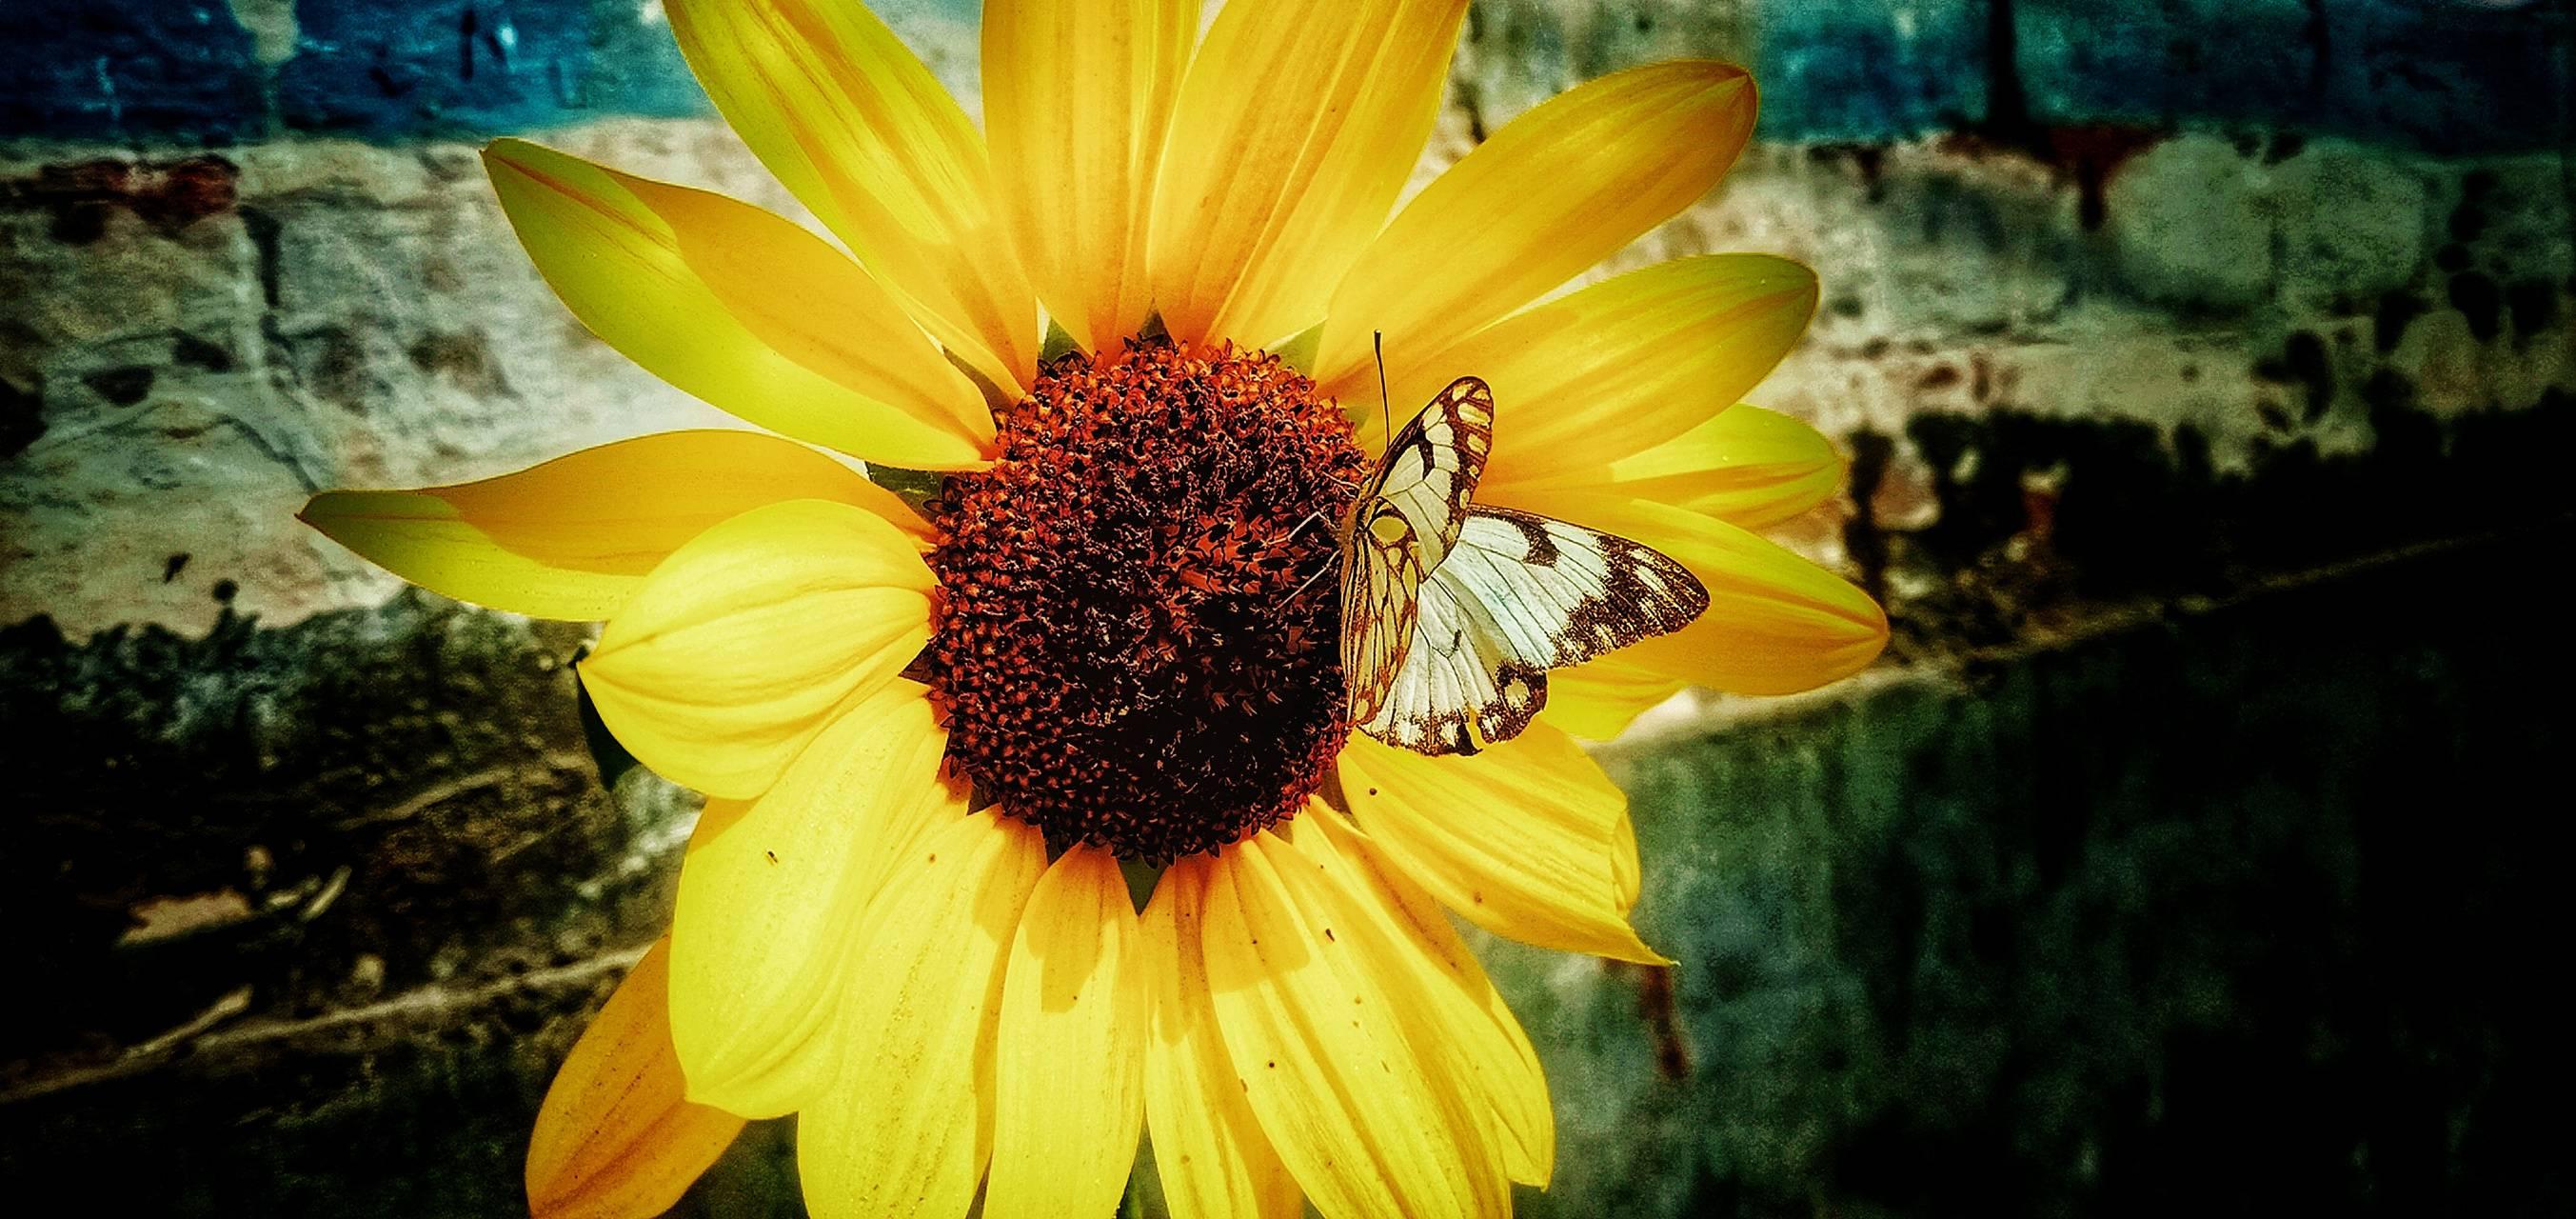 Butterfly sunflower